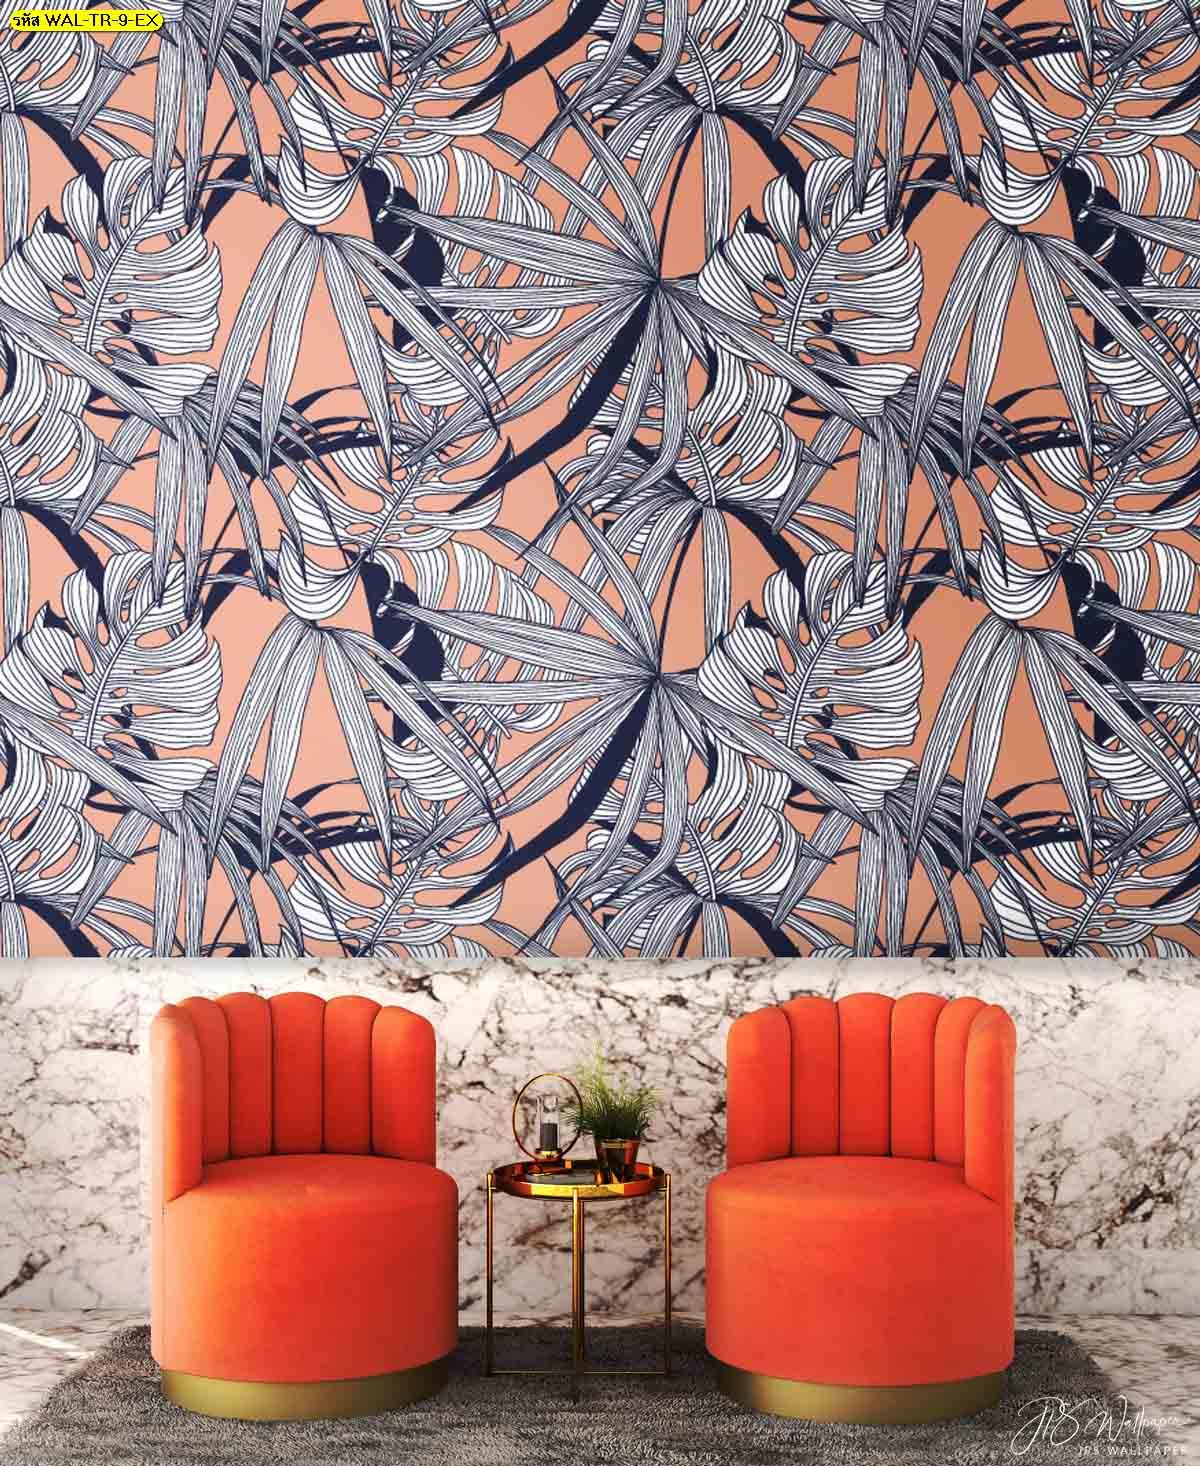 วอลเปเปอร์ติดห้องรับแขก ไอเดียแต่งพื้นที่รับแขก ภาพติดผนังขนาดใหญ่ลายใบไม้พื้นหลังสีส้ม